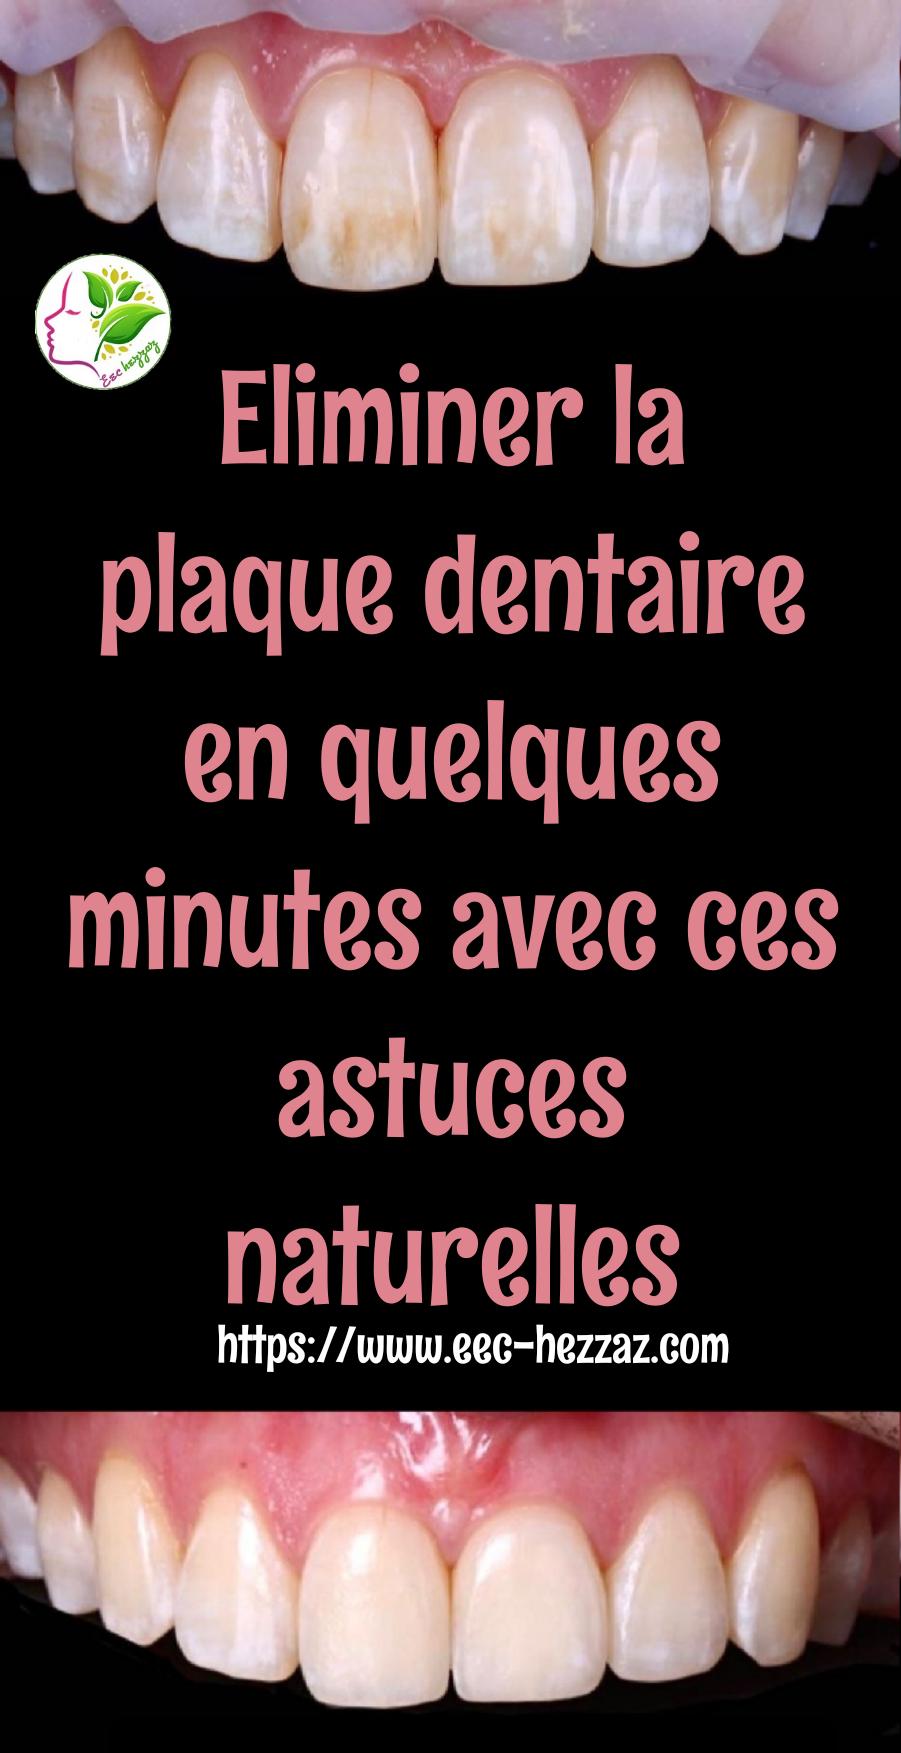 Eliminer la plaque dentaire en quelques minutes avec ces astuces naturelles